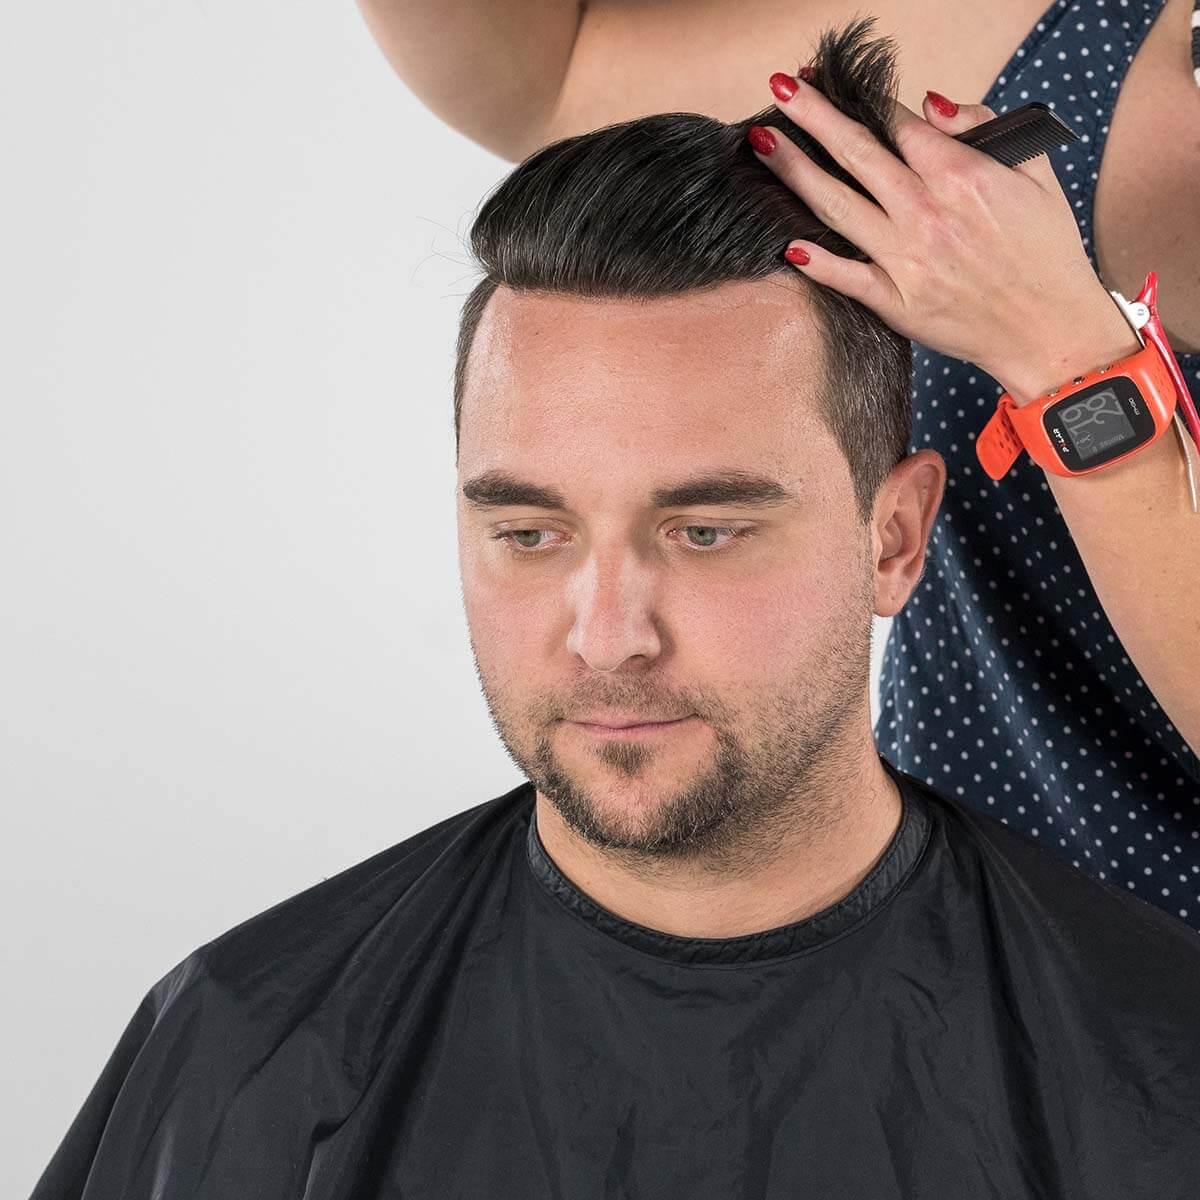 Schnitt und Styling des Haarteils (100% Echthaar)